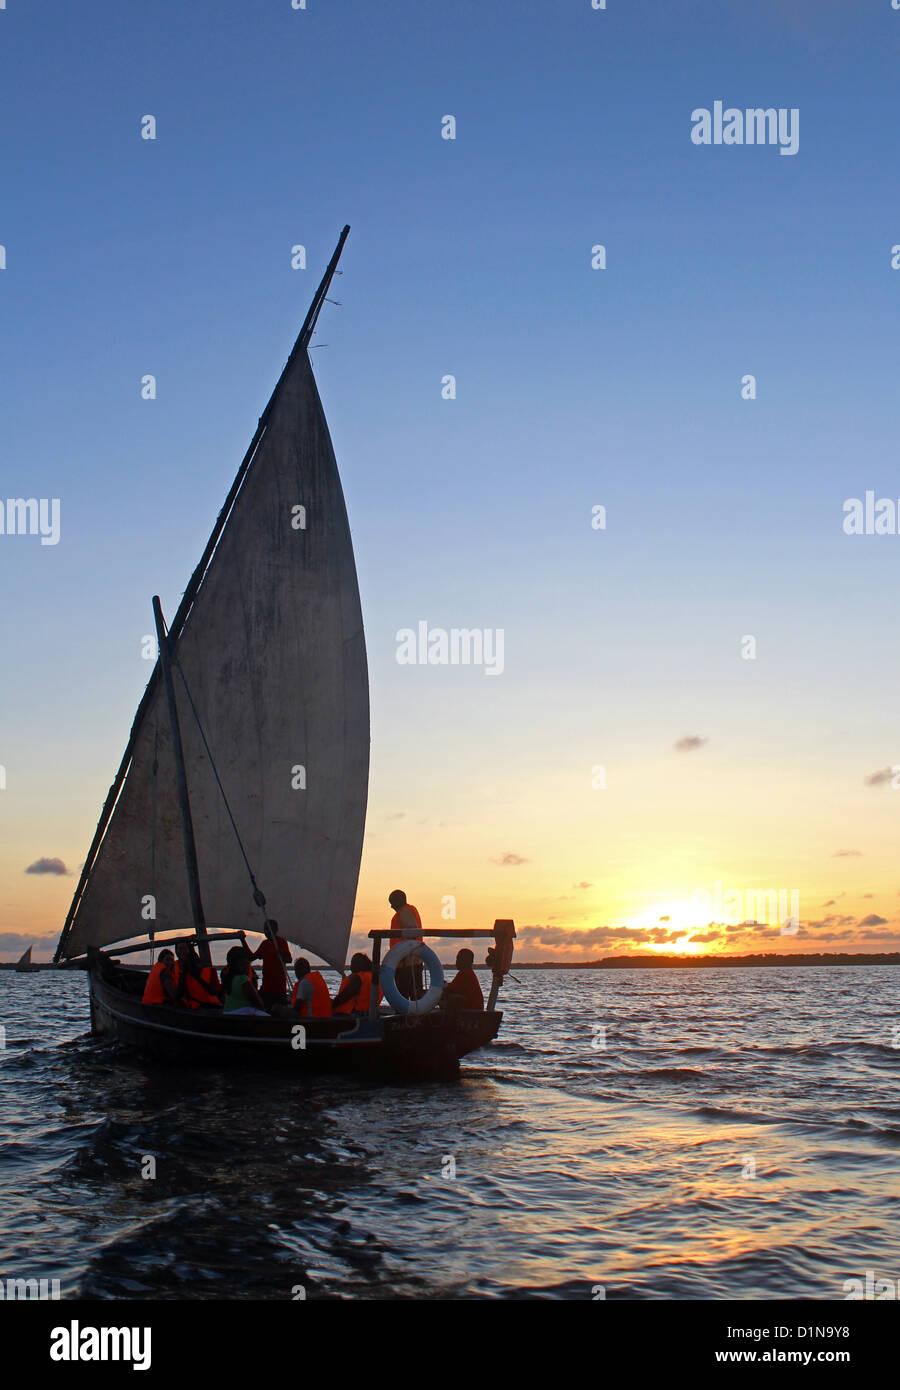 Los turistas disfrutan de un viaje en barco, Kenia, África Oriental Imagen De Stock